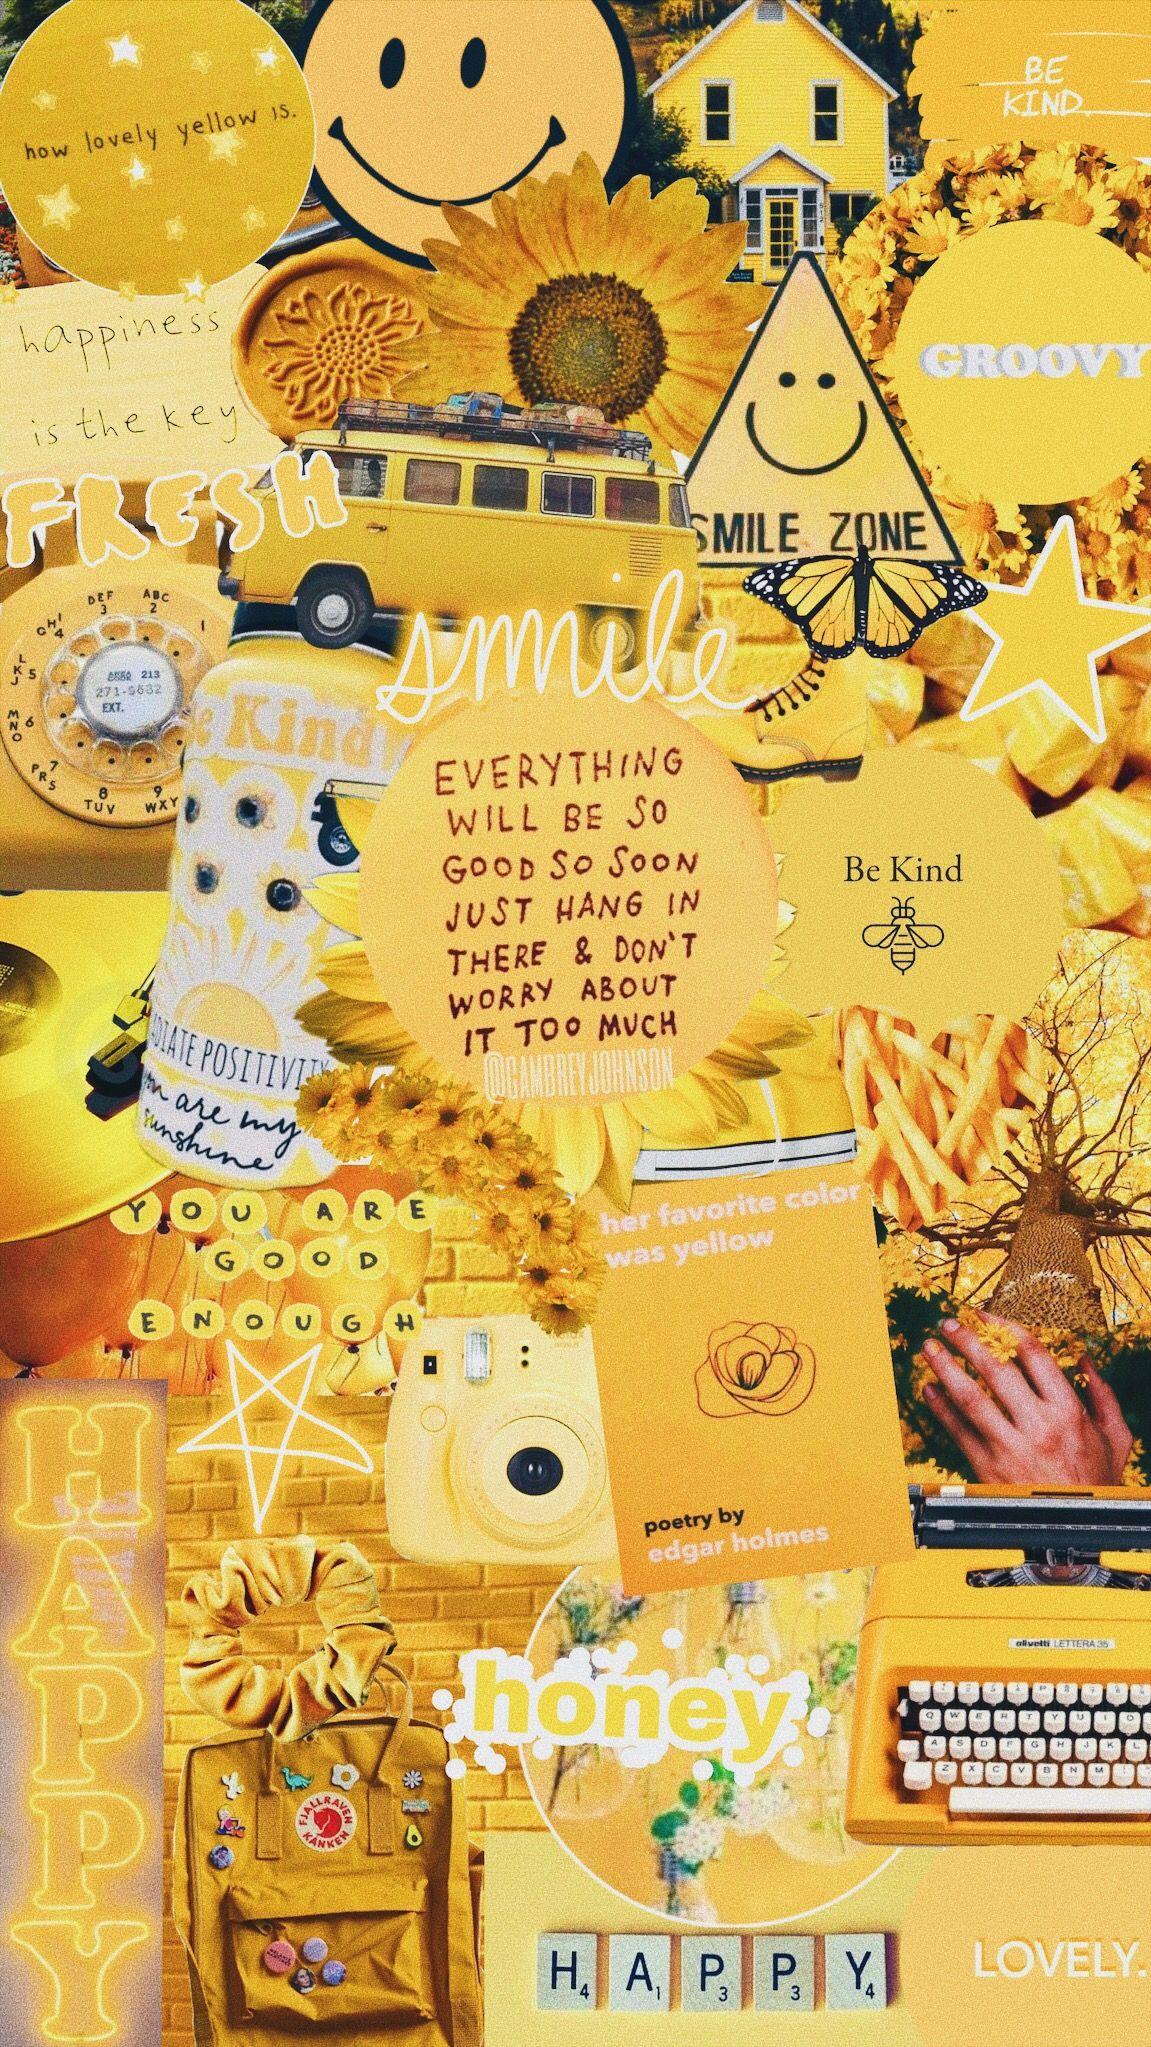 VSCO - cambreyjohnson - Images | —wallpaper in 2019 | Tumblr wallpaper, Sunflower wallpaper ...